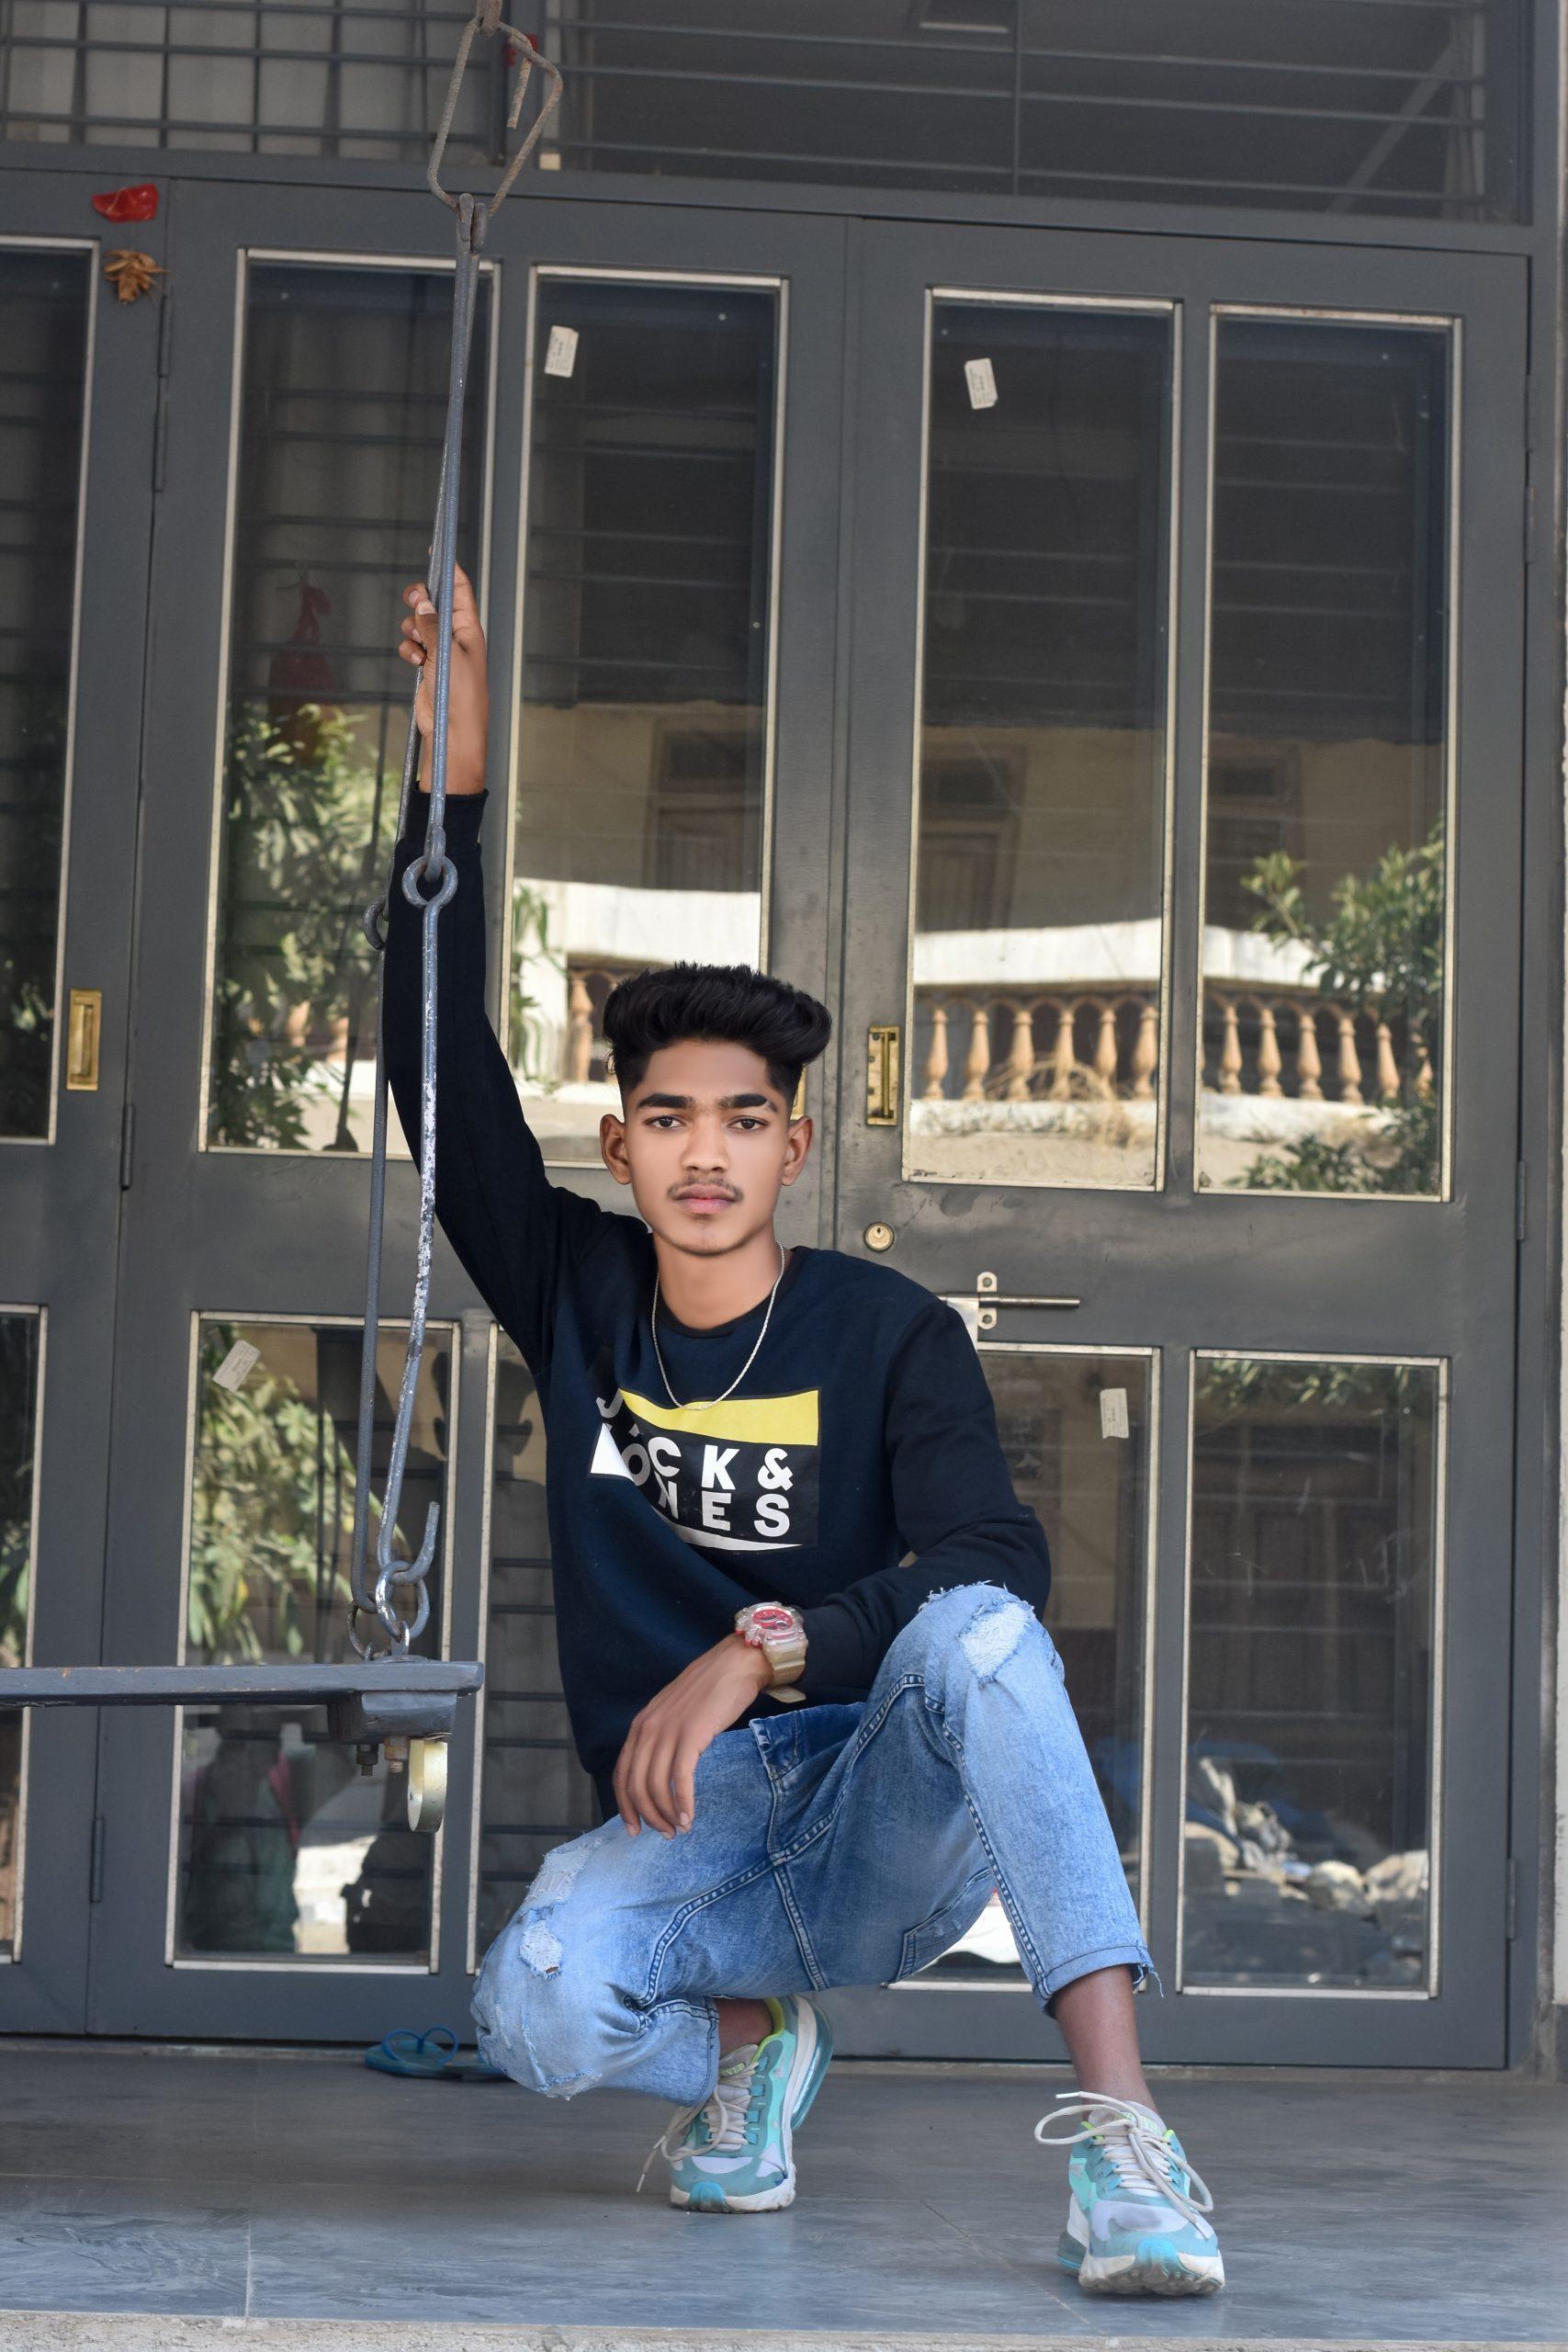 Stylish boy posing in front of door